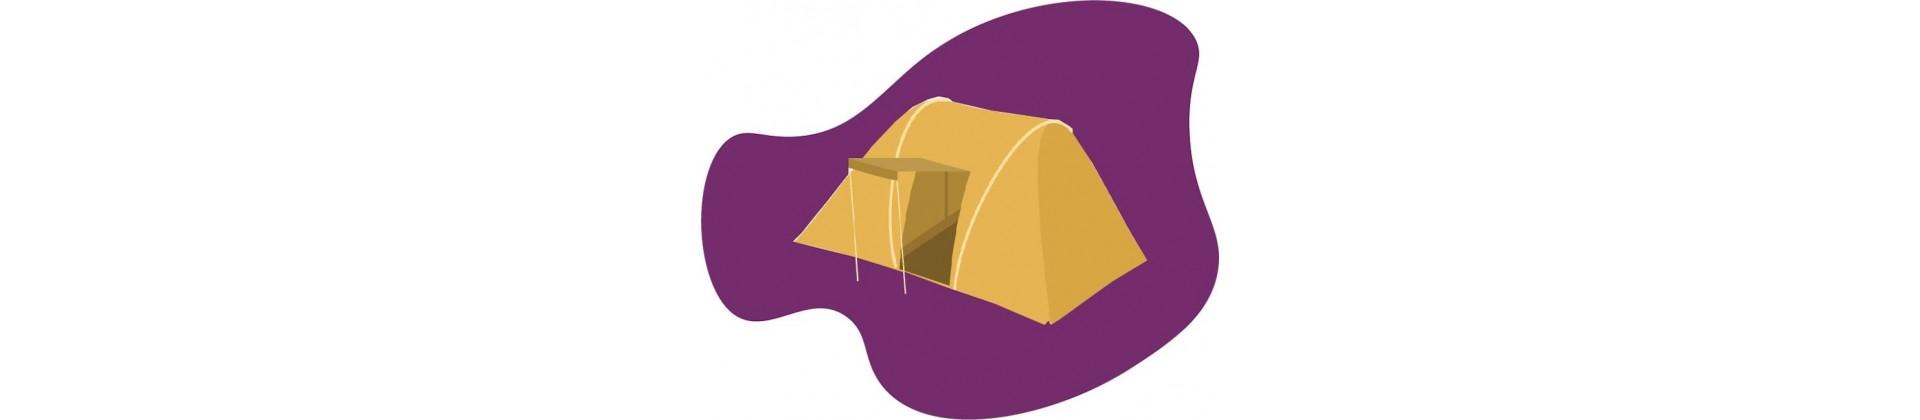 Tentes et cabanes